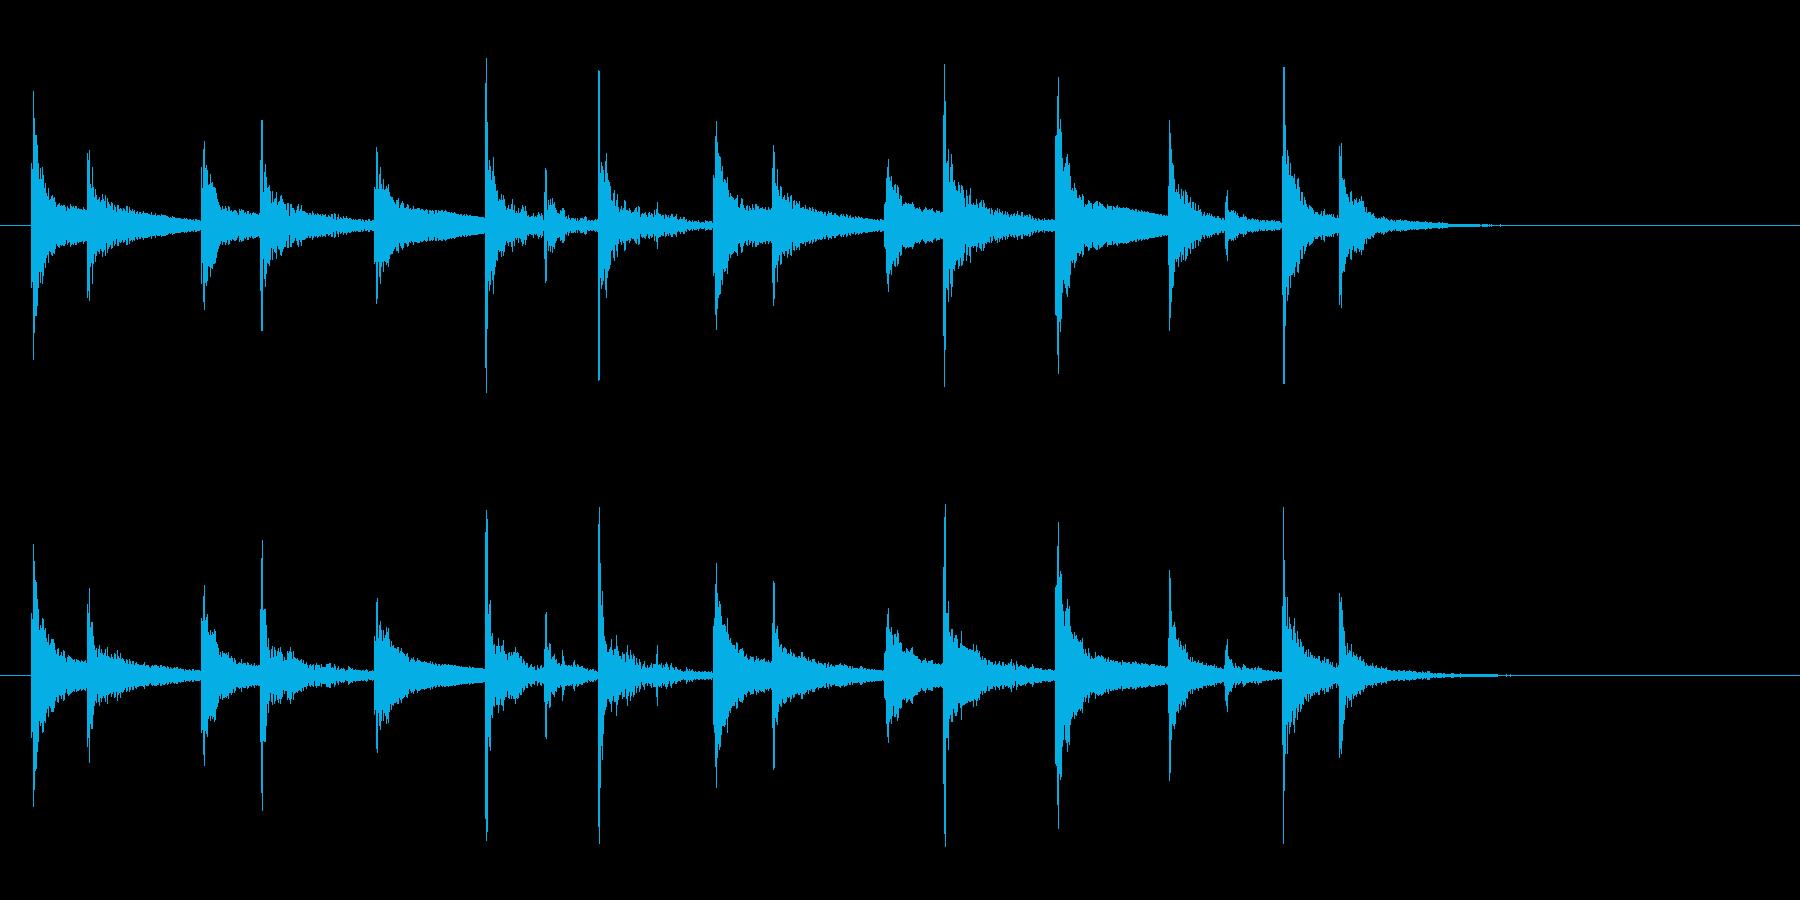 羽根アフリカ太鼓ジャンベフレーズ音+FXの再生済みの波形